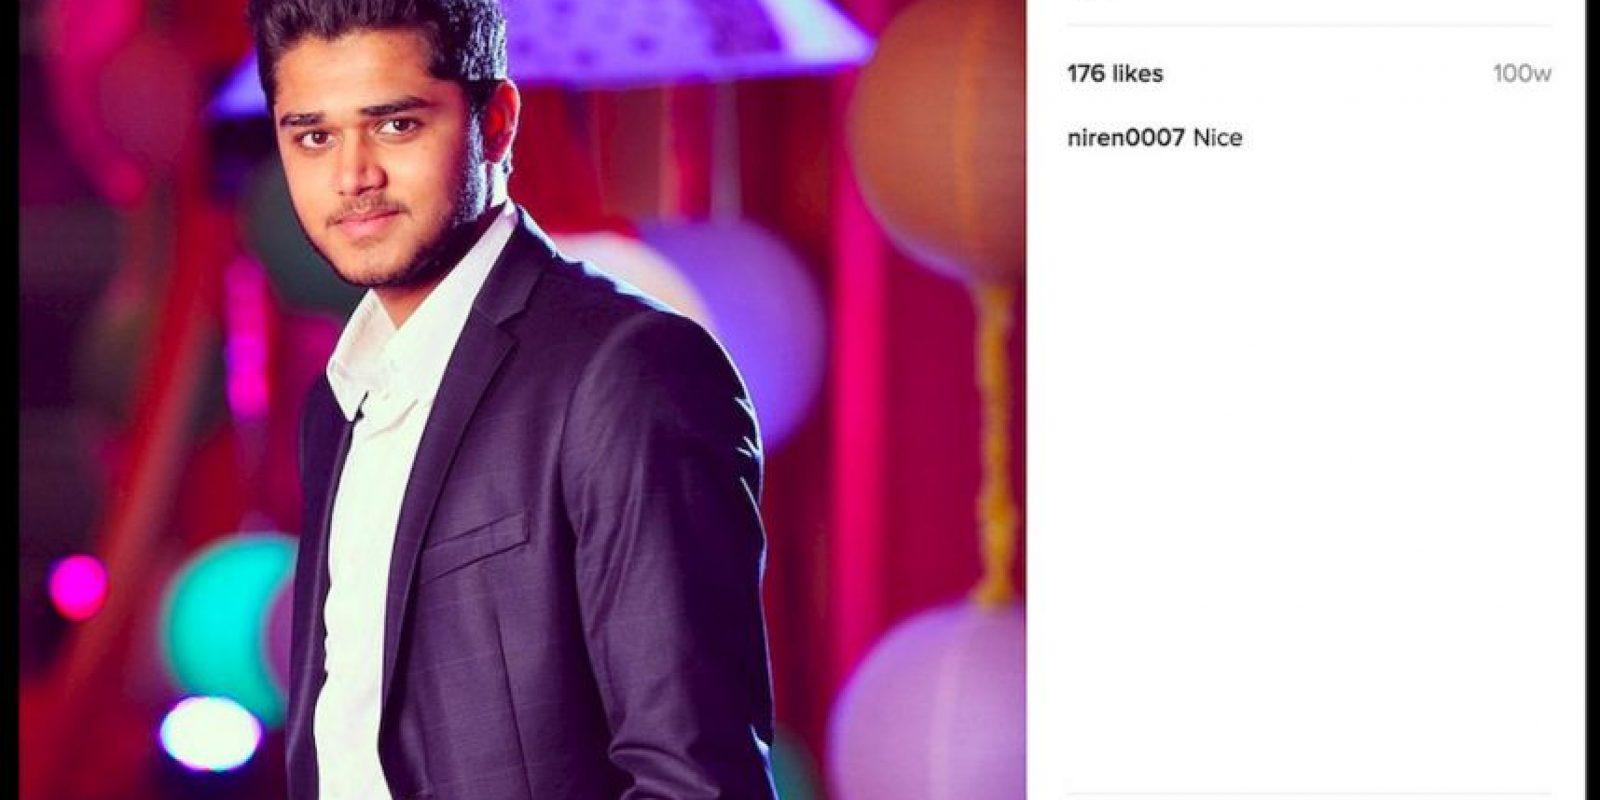 """Dravya Dholakia es un joven millonario de la India que por un mes vivió como un """"hombre común"""" a petición de su padre. Foto:Instagram/dravyadholakia. Imagen Por:"""